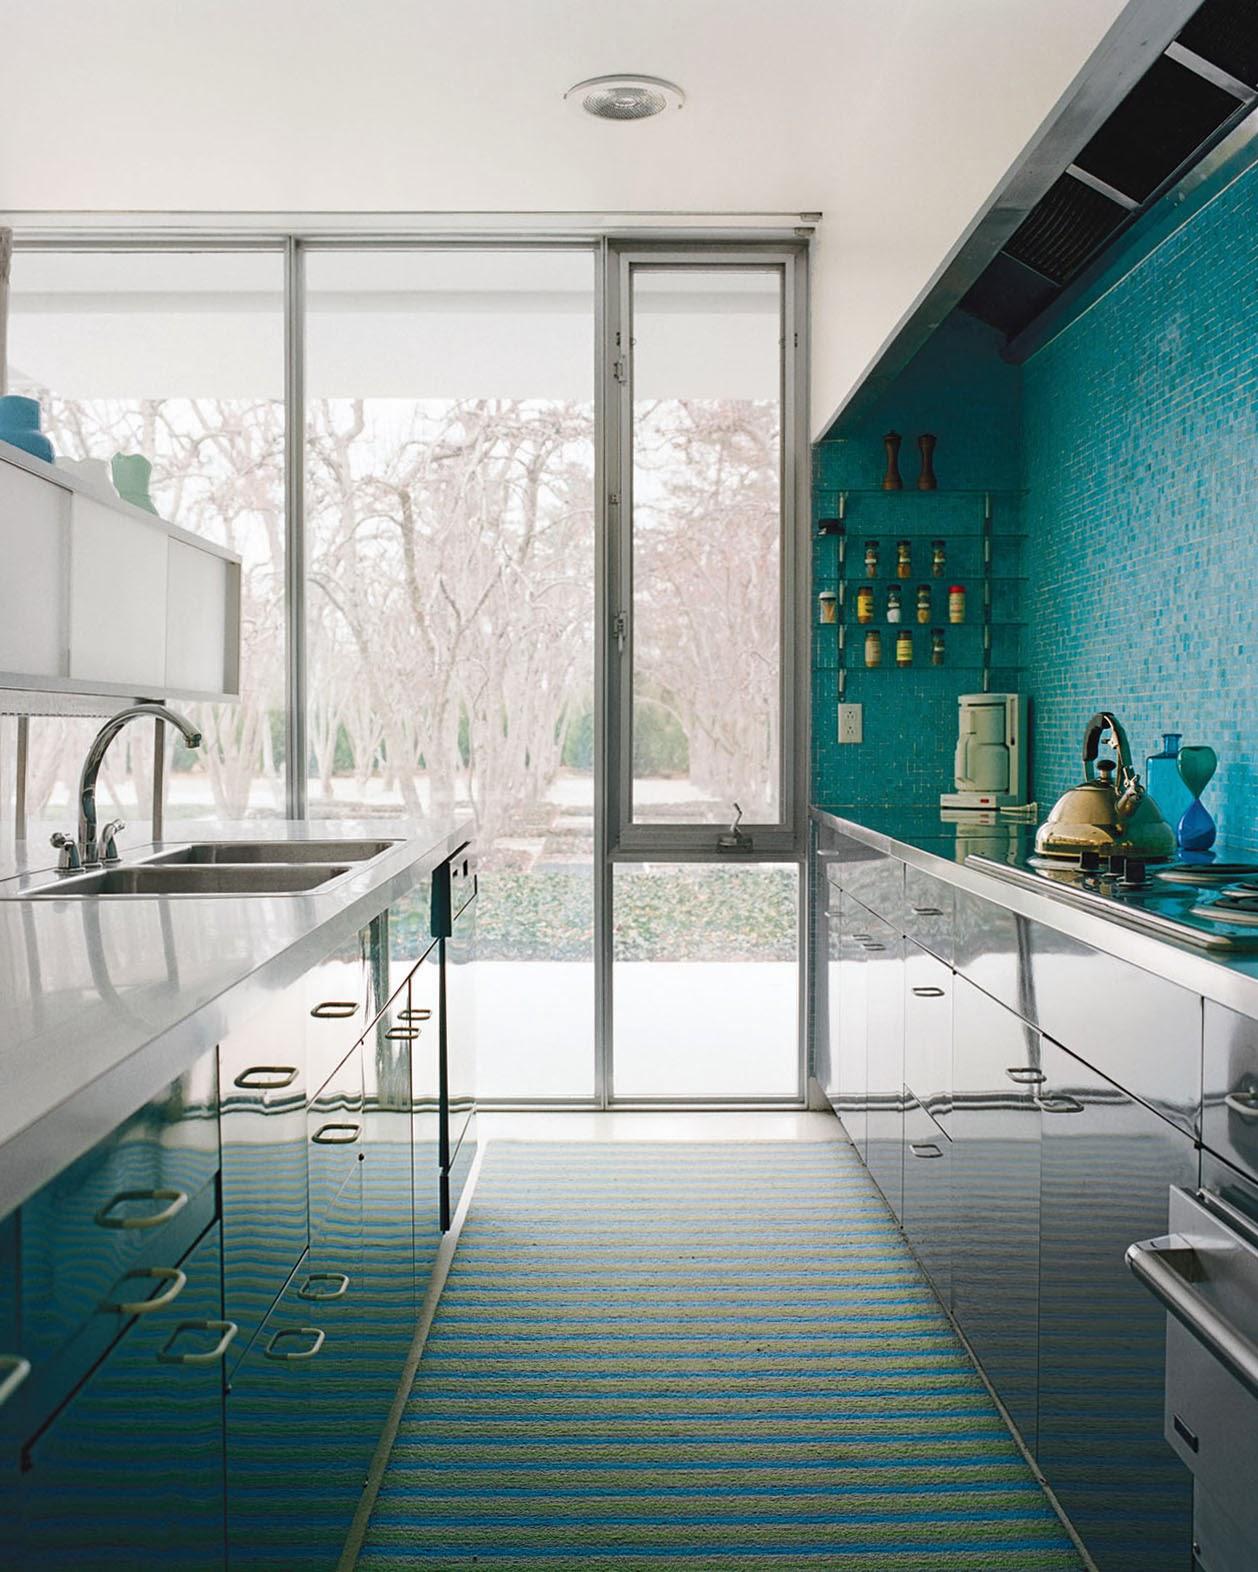 Küche in kühlem Blaugrün-Design - sauberes Gefühl zum Kochen im Miller House